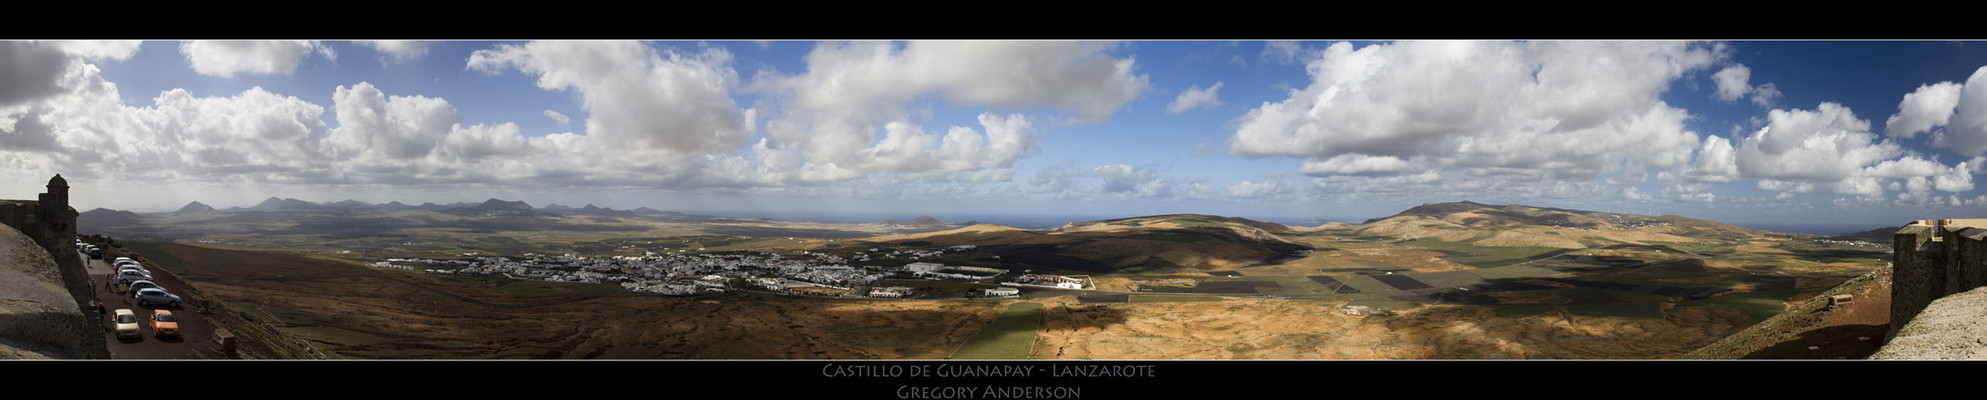 Castillo de Guanapay - Lanzarote